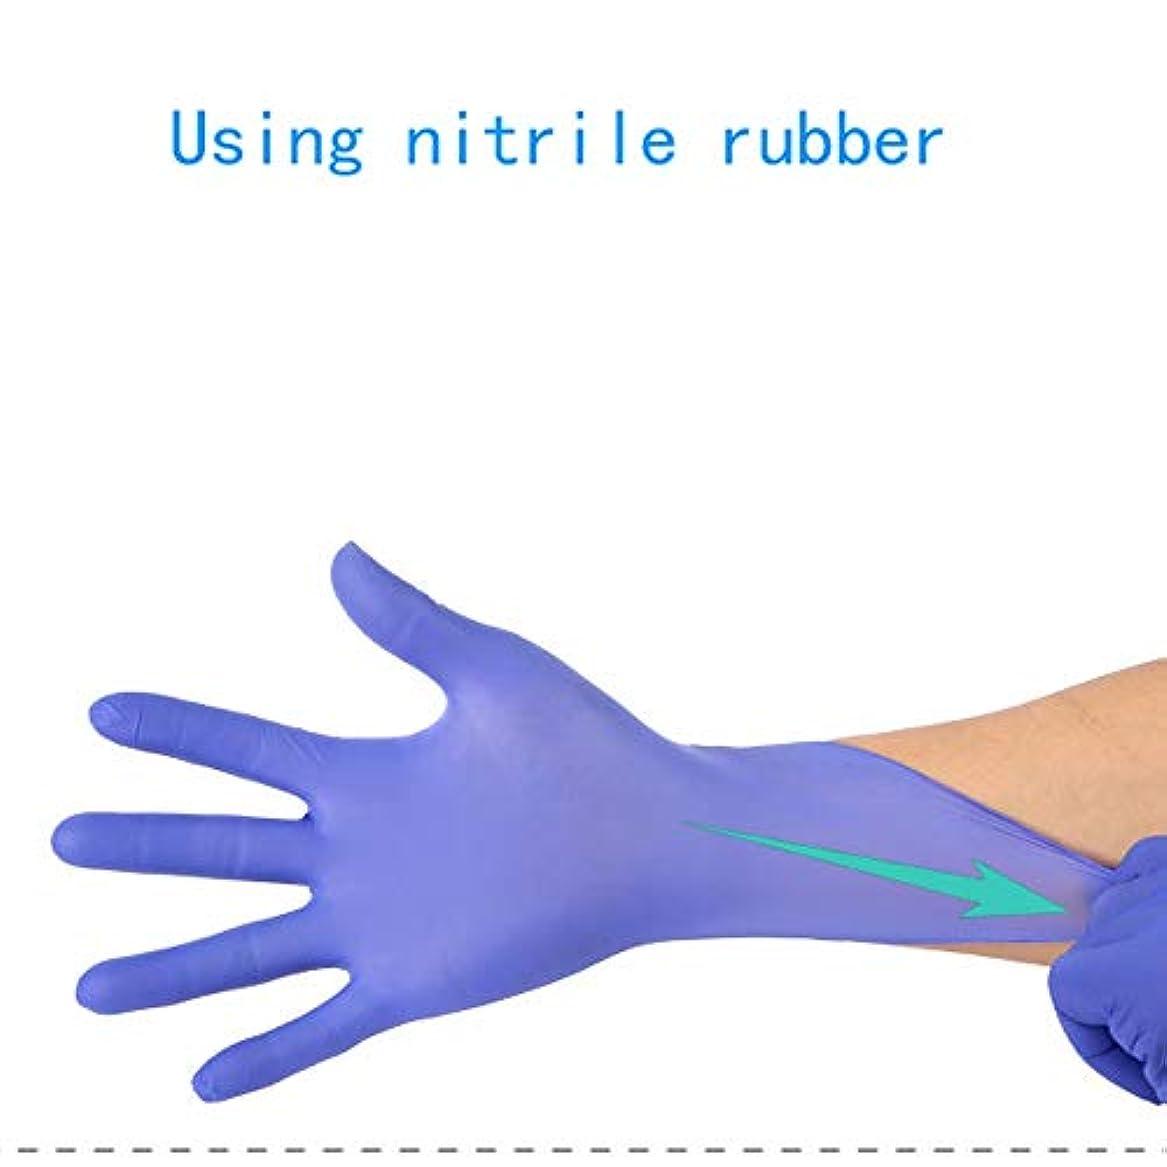 小康開拓者プロジェクターニトリル医療グレード試験用手袋、使い捨て、ラテックスフリー、100カウント、滅菌済み使い捨て安全手袋 (Color : Purple, Size : L)